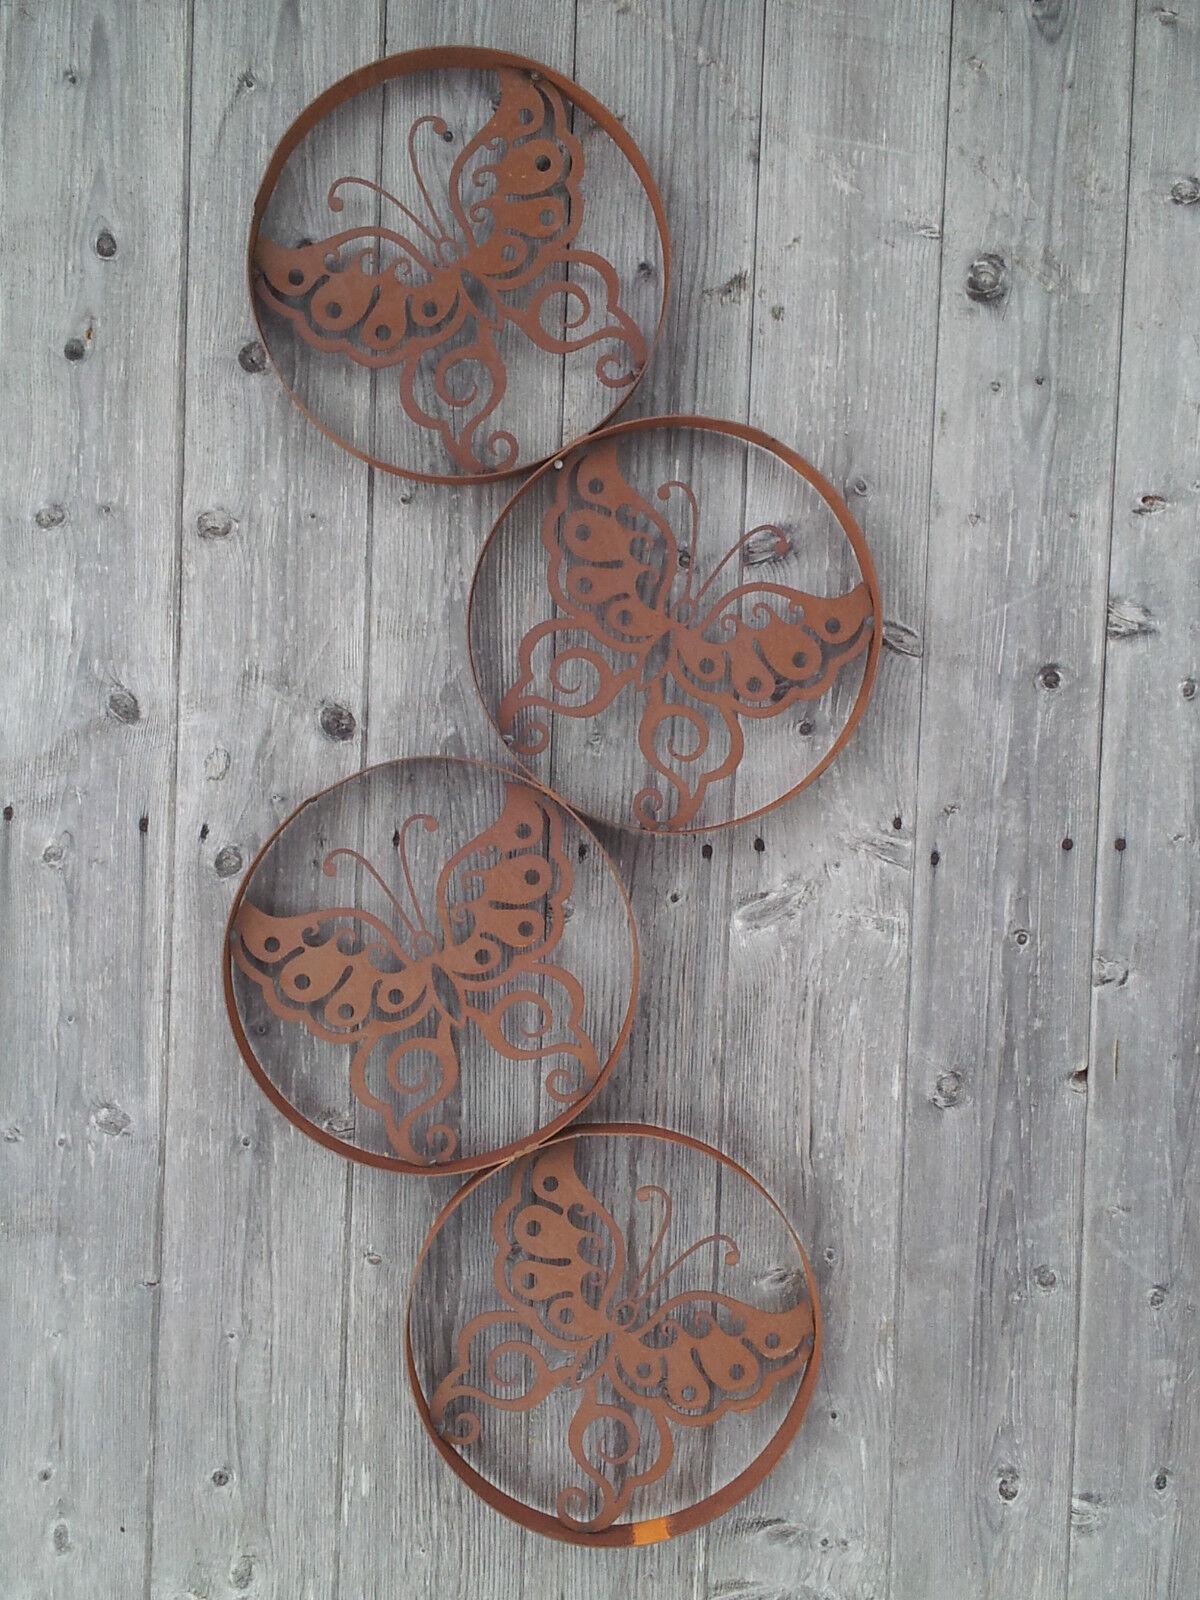 Imagen de parojo mariposa decoración jardín de metal vivir terraza óxido decoración de imagen